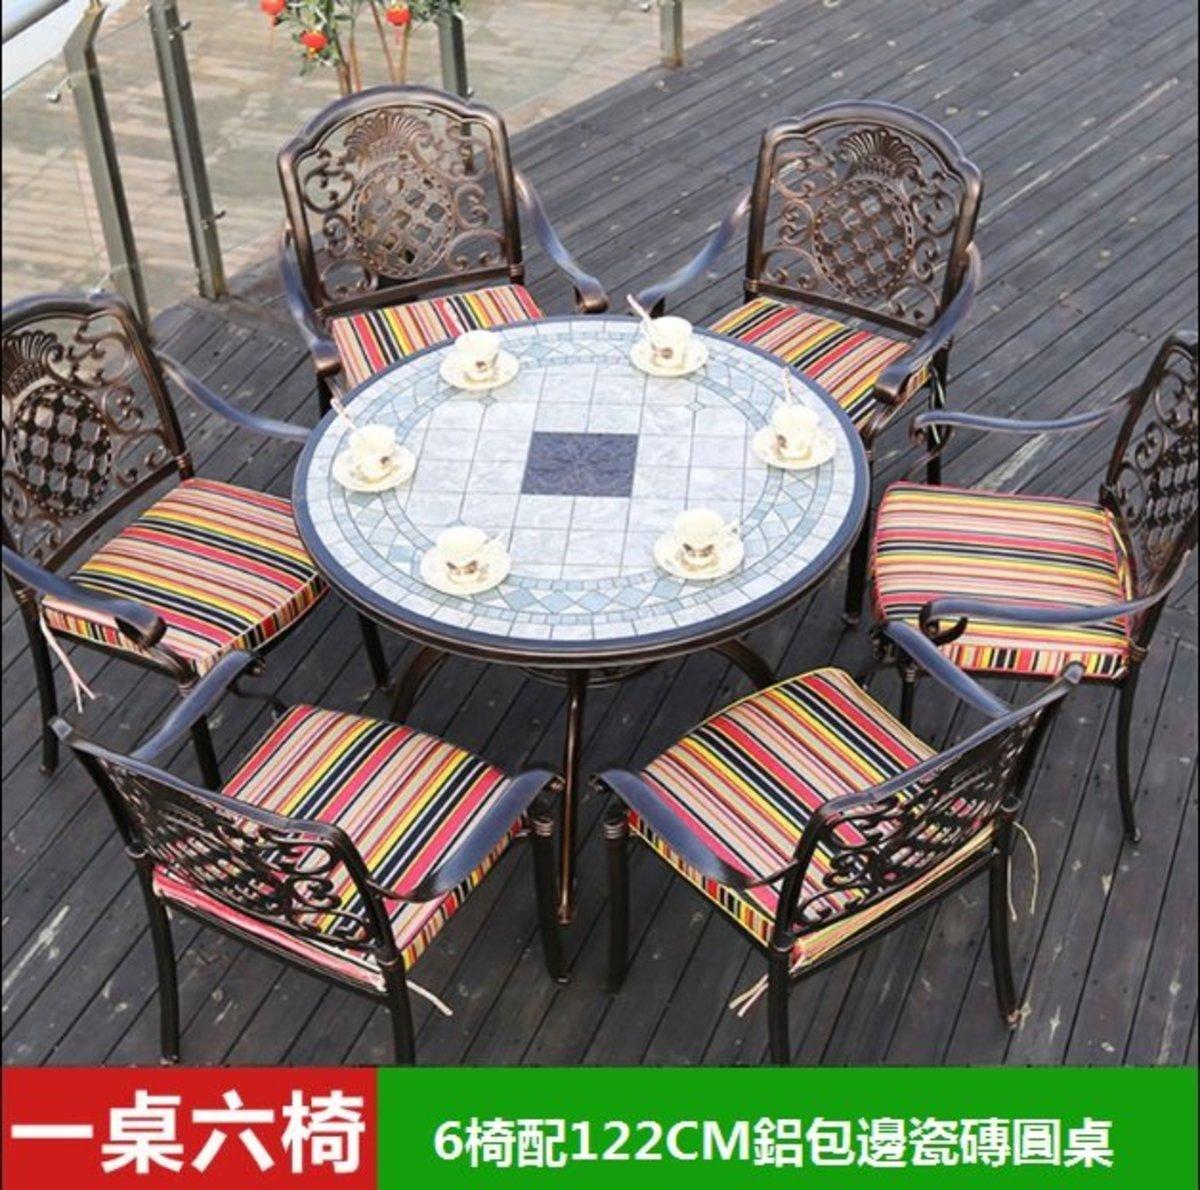 咖啡廳燒烤火鍋長桌(3號:6椅配122CM鋁包邊瓷磚圓桌)